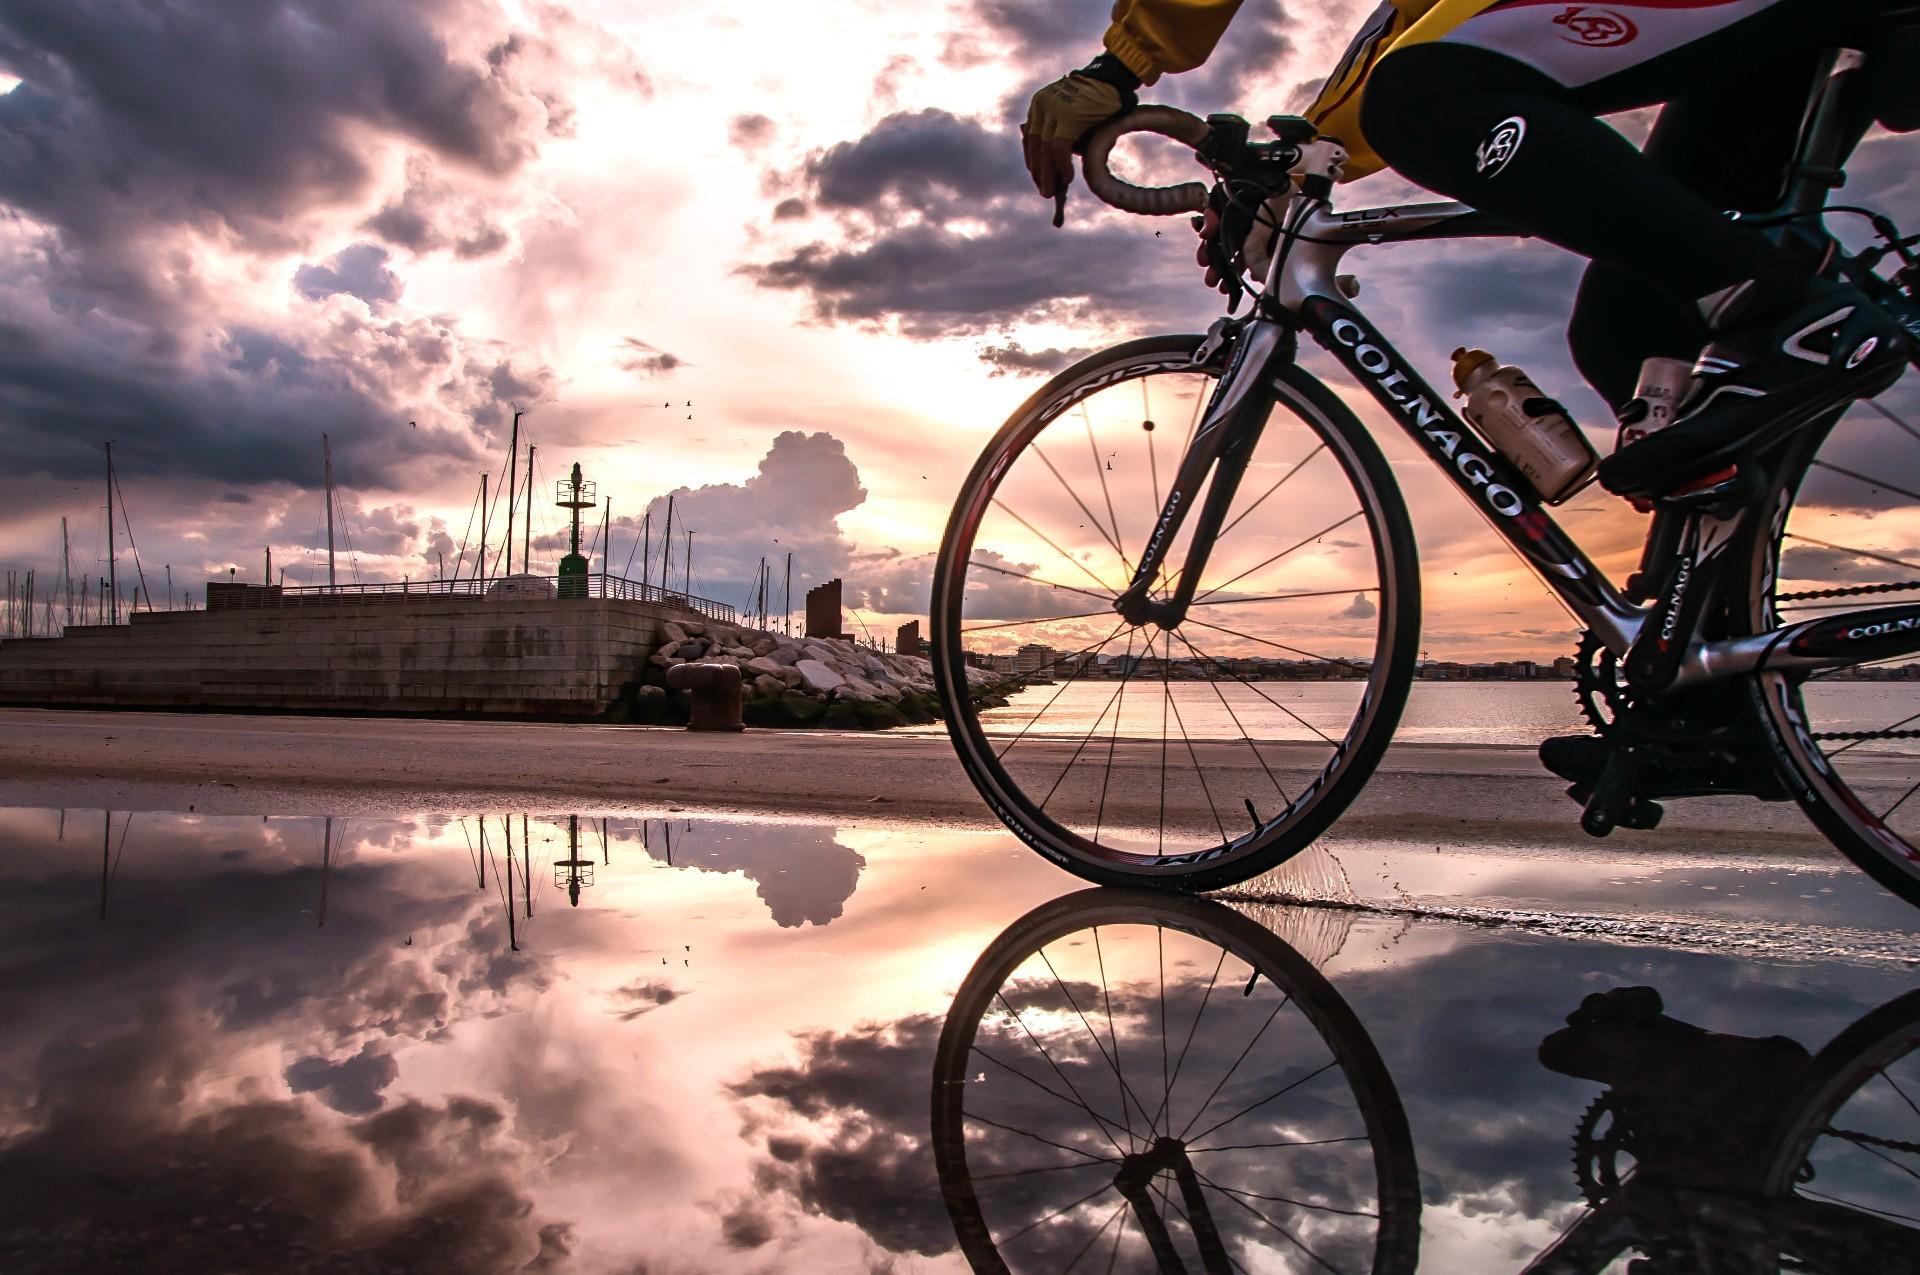 люди велосипедист в картинках на рабочий стол они